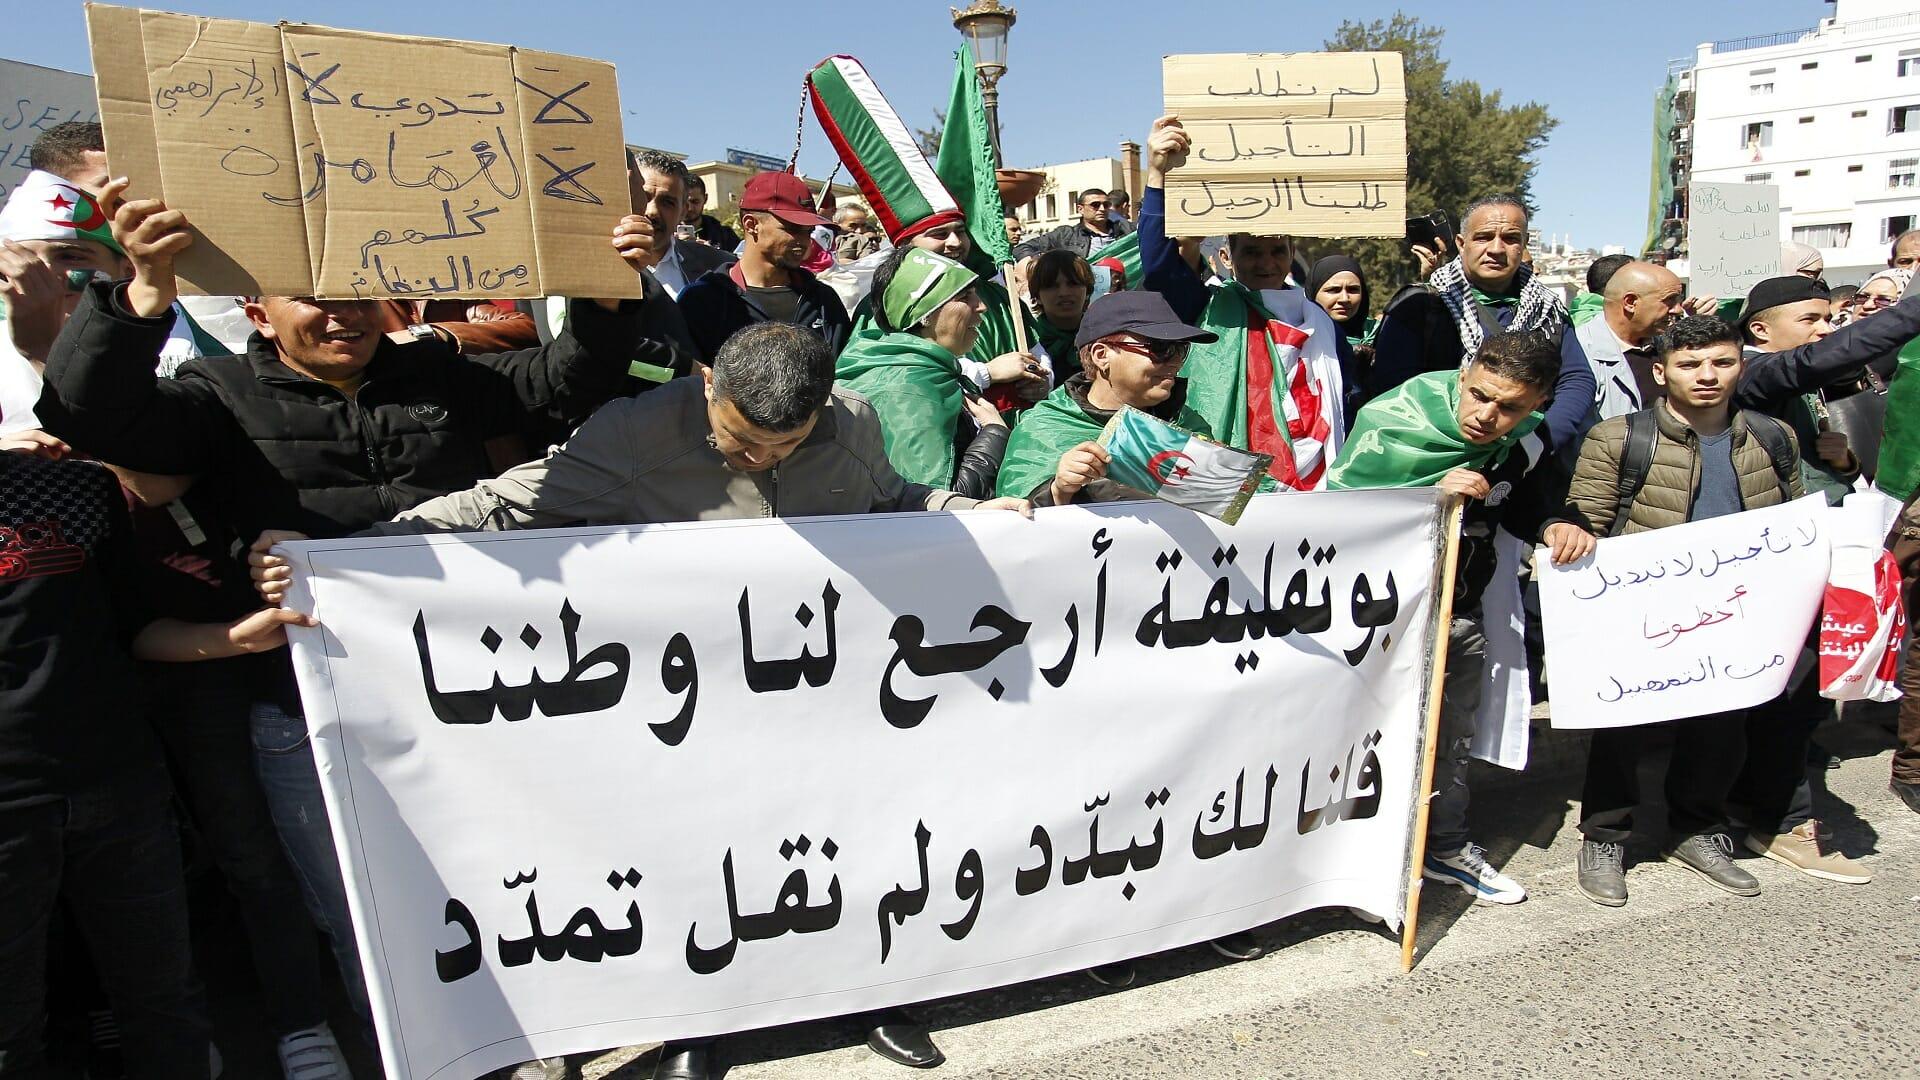 الجزائريون في الشوارع لمطالبة بوتفليقة بالرّحيل